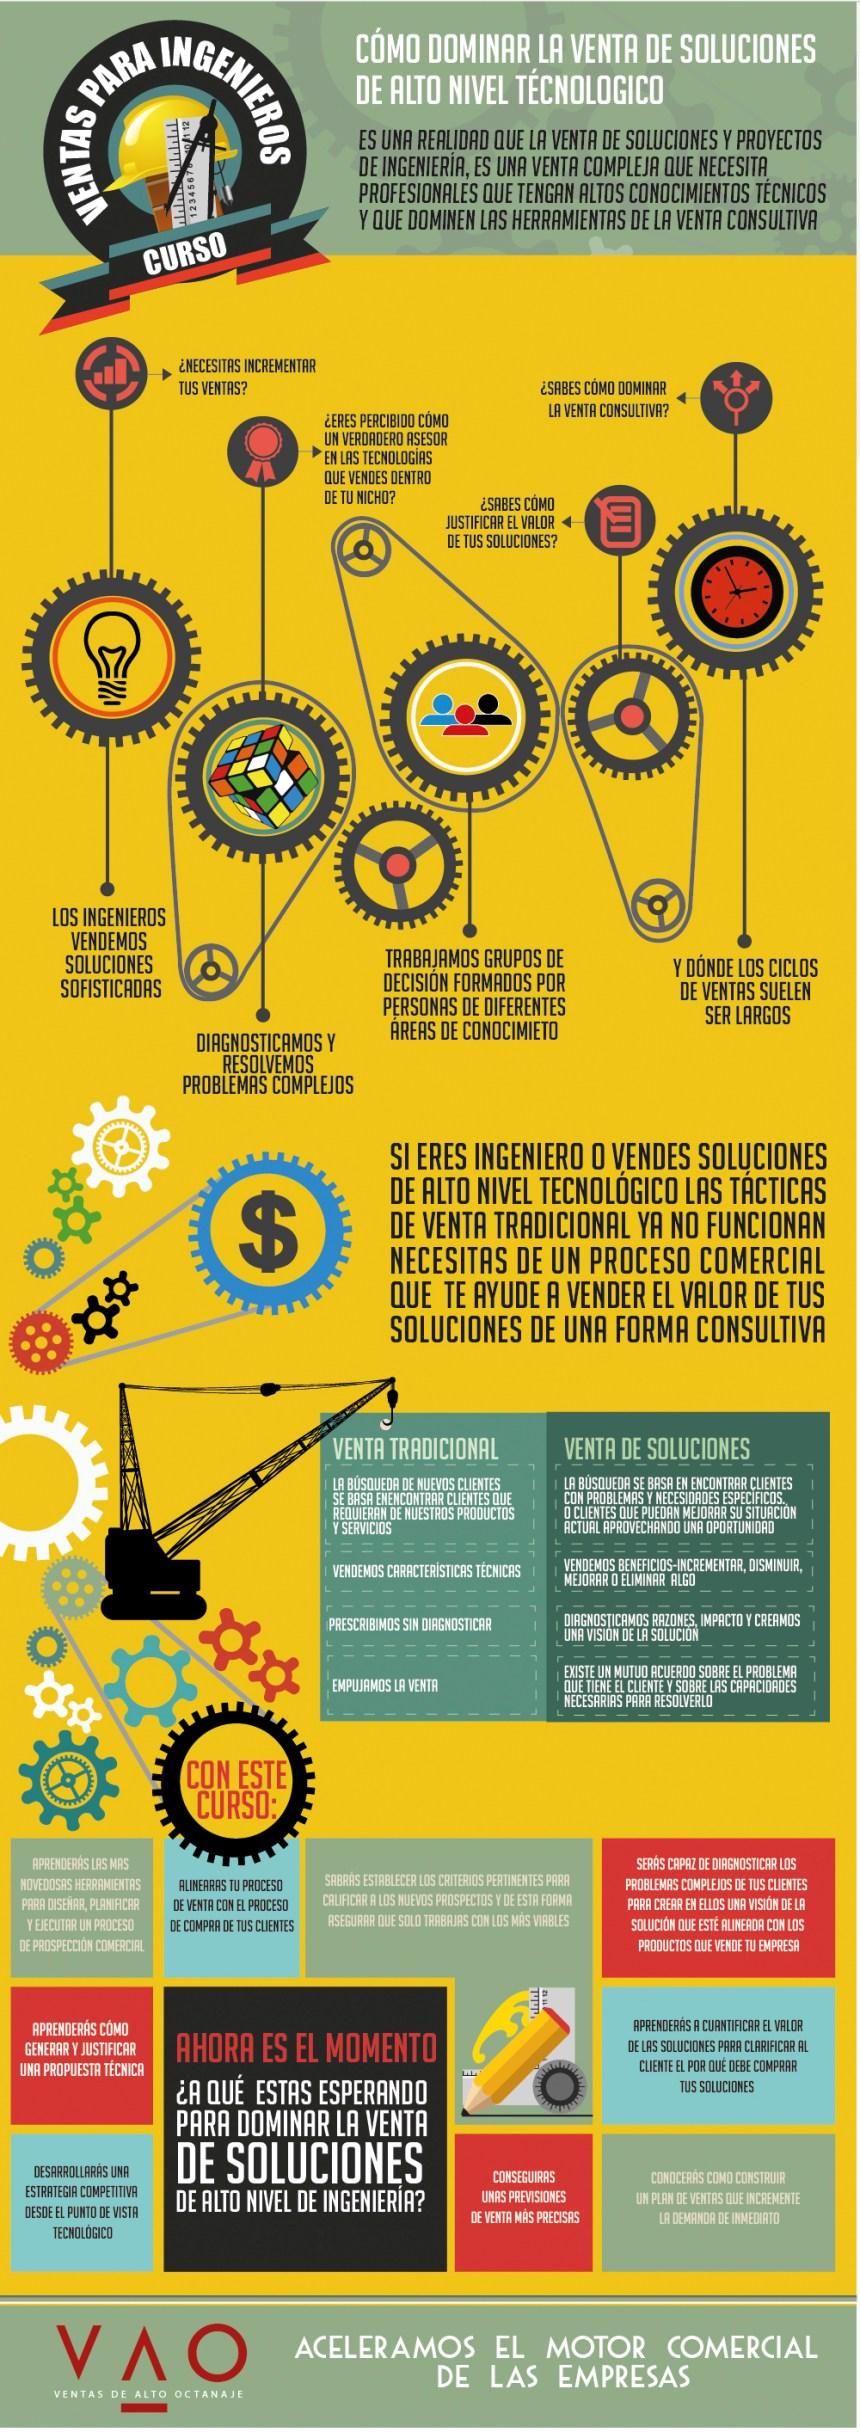 Domina la venta de soluciones de alto valor tecnológico